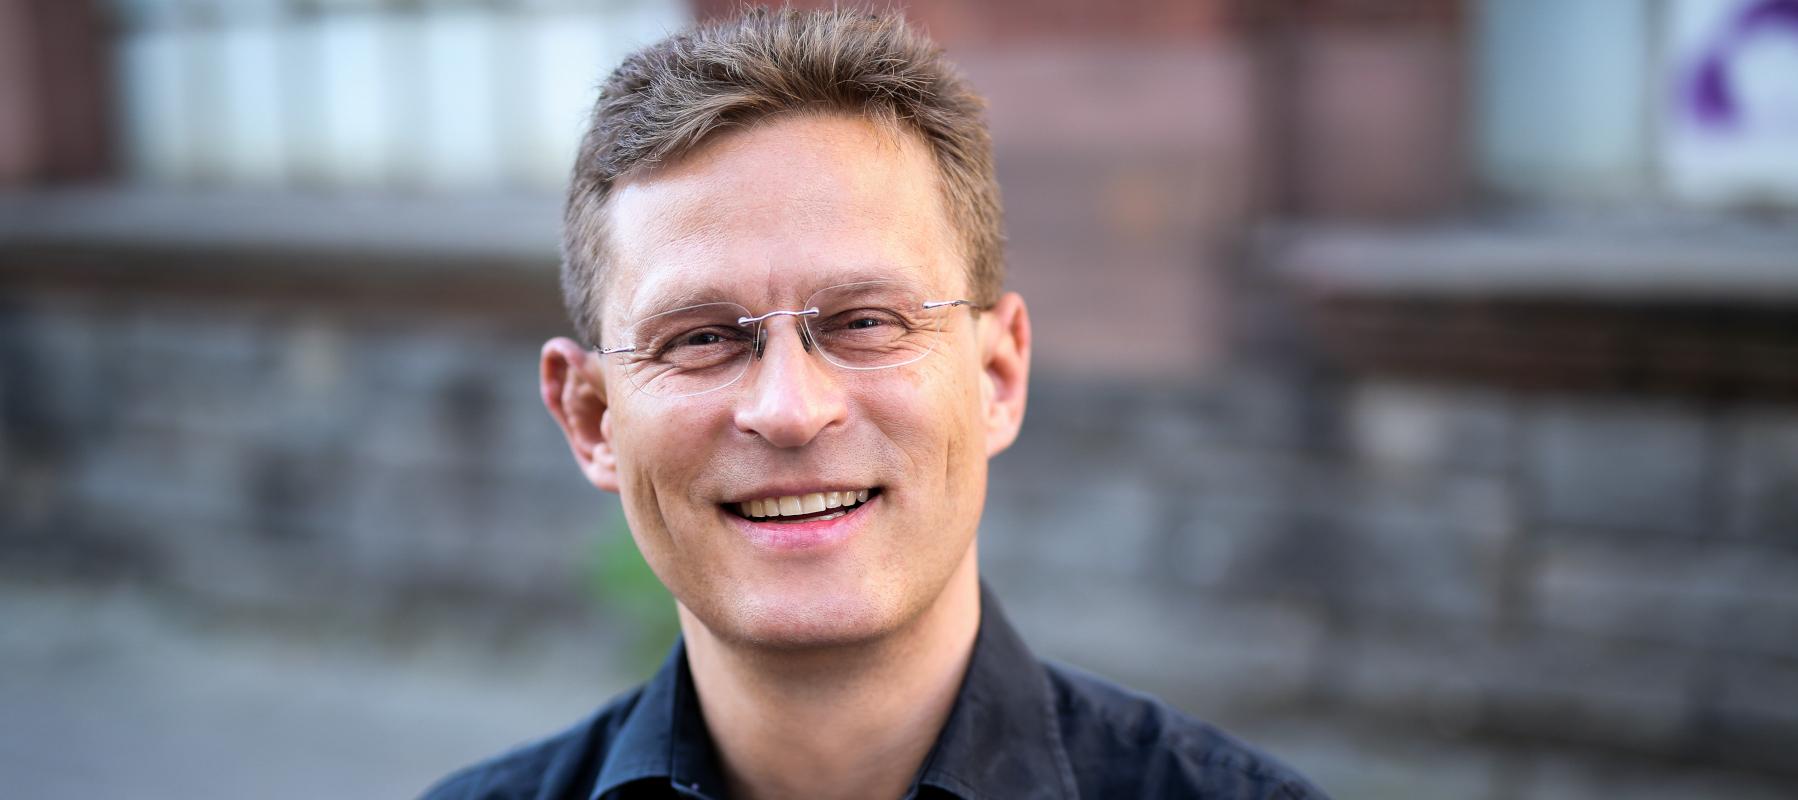 Pascal Fischer - Kritiker, Journalist, Trainer in Berlin, Frankfurt am Main und Köln